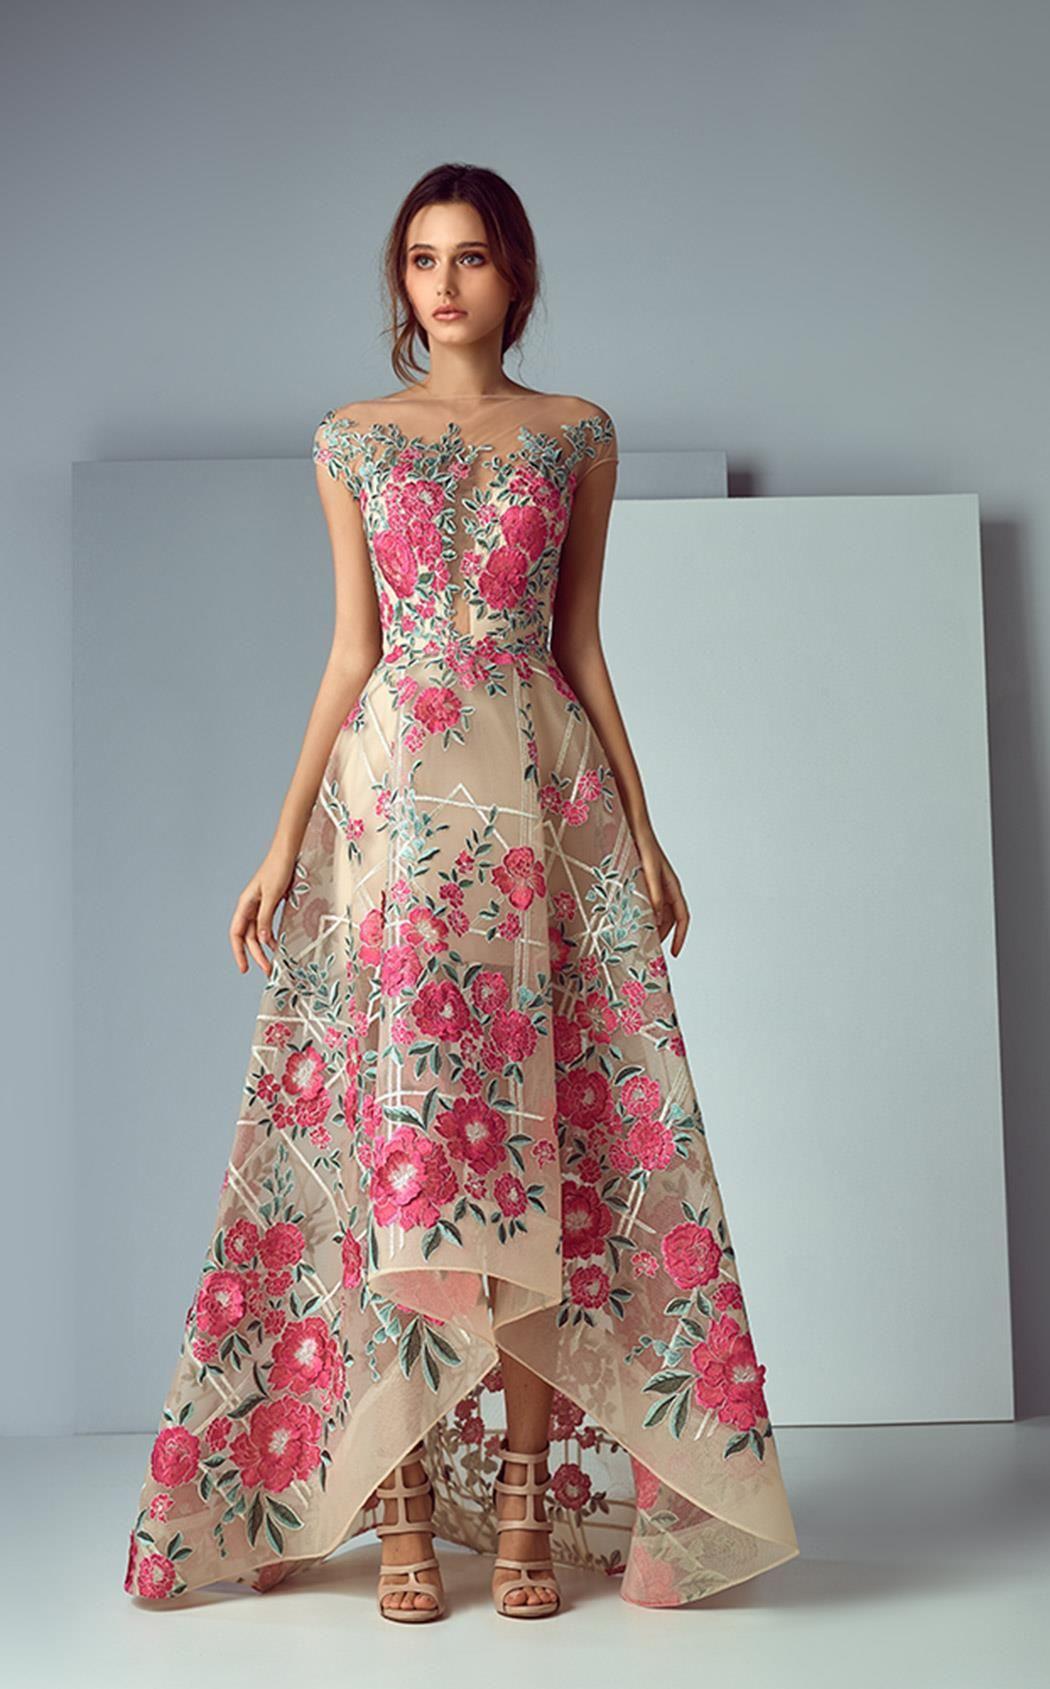 http://fontan.fun/wp-content/uploads/2017/08/y4.jpg30 сногсшибательных вечерних платьев от Saiid Kobeisy. Браво дизайнеру!